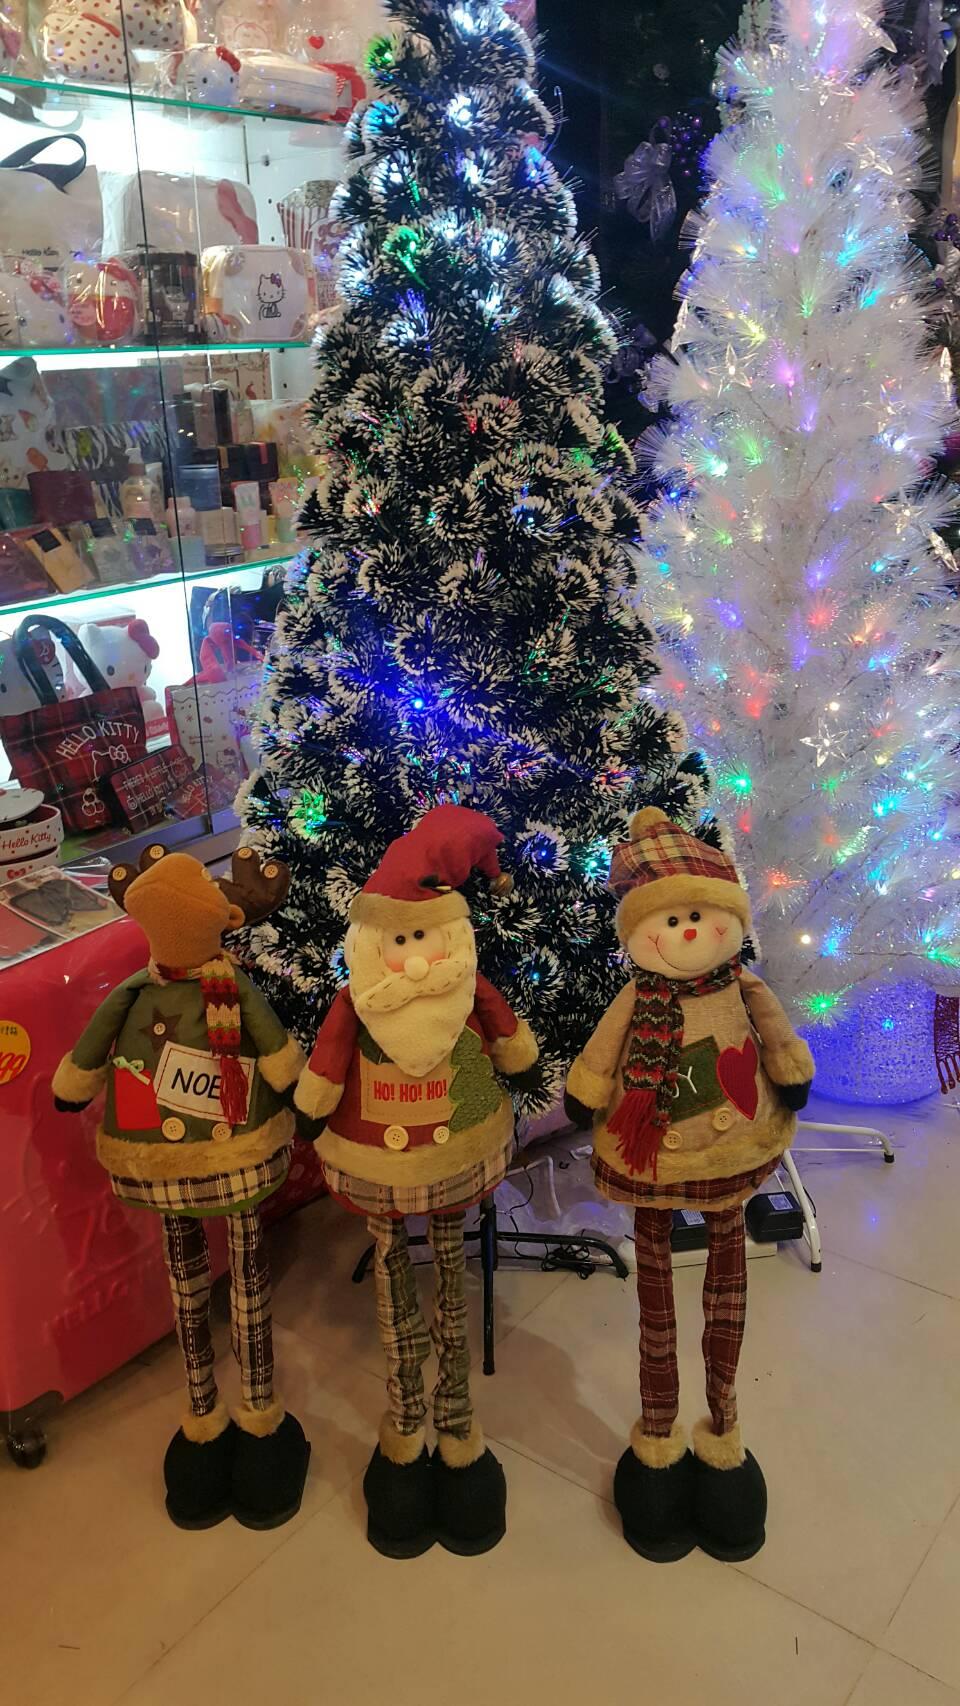 X射線 60cm伸縮擺飾(綜合下標區),聖誕麋鹿/聖誕擺飾/聖誕禮物袋/聖誕老人衣服/老公公/雪人